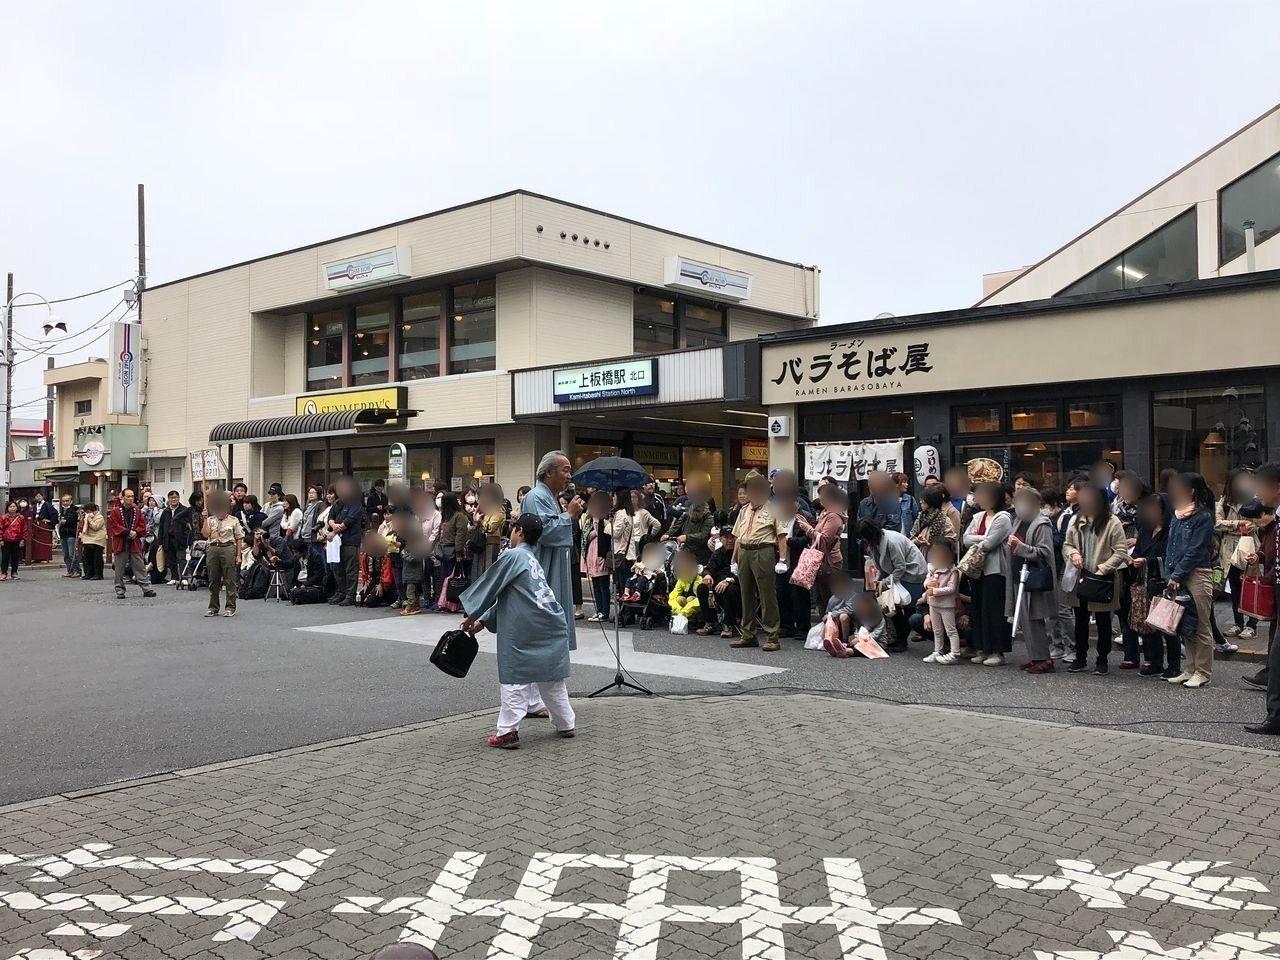 上板橋駅北口前でのよさこい演舞